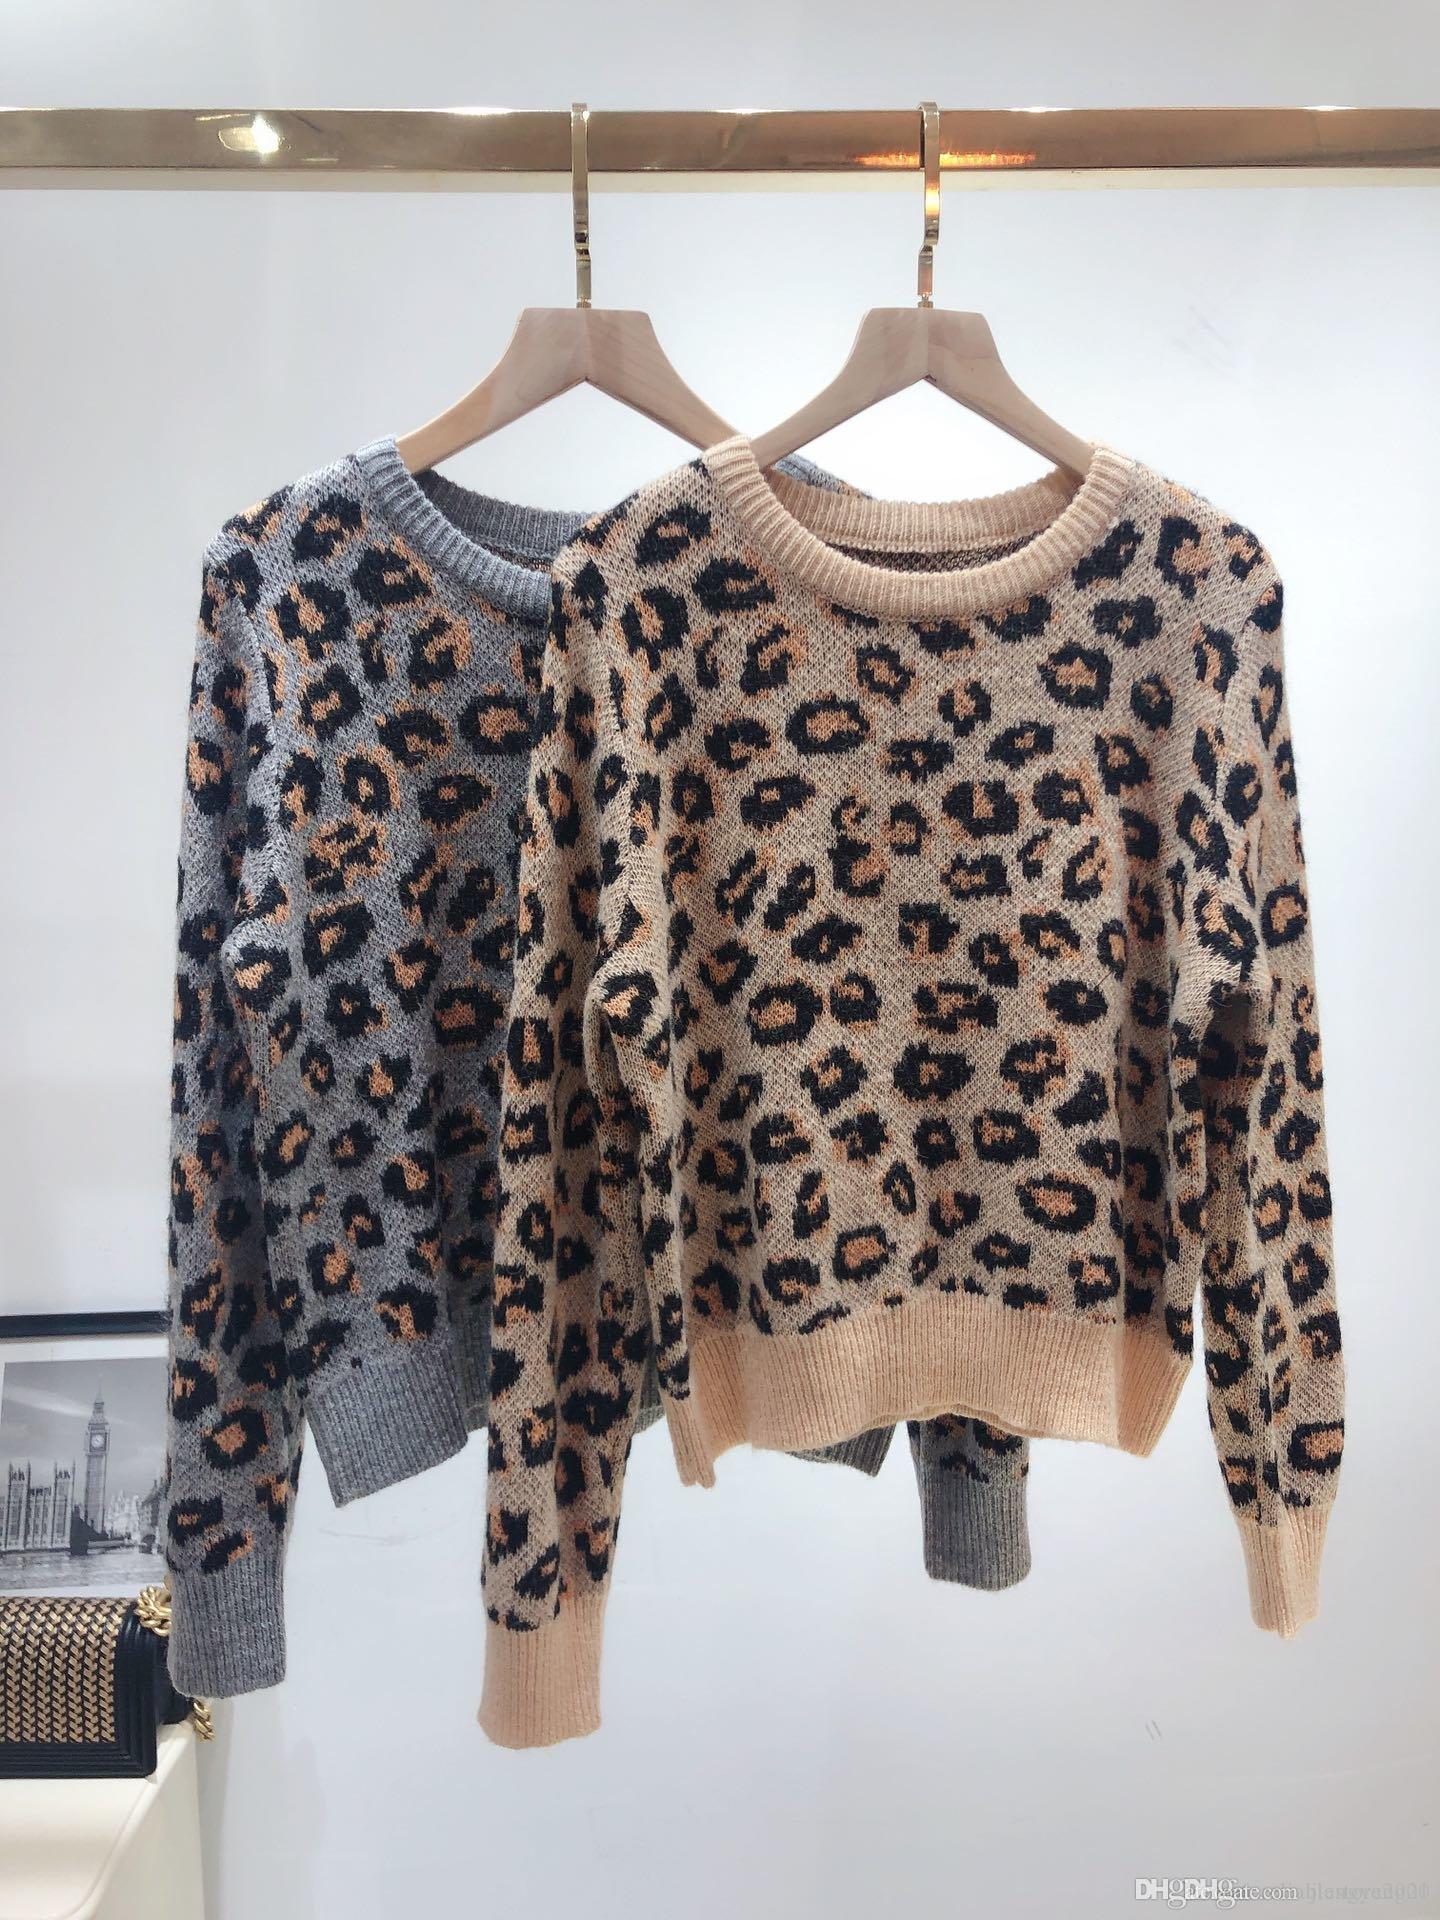 Estación europea 2020 otoño / invierno nueva versión europea de Joker suelta web celebridad estilo perezoso suéter grueso leopardo estampado suéter mujeres